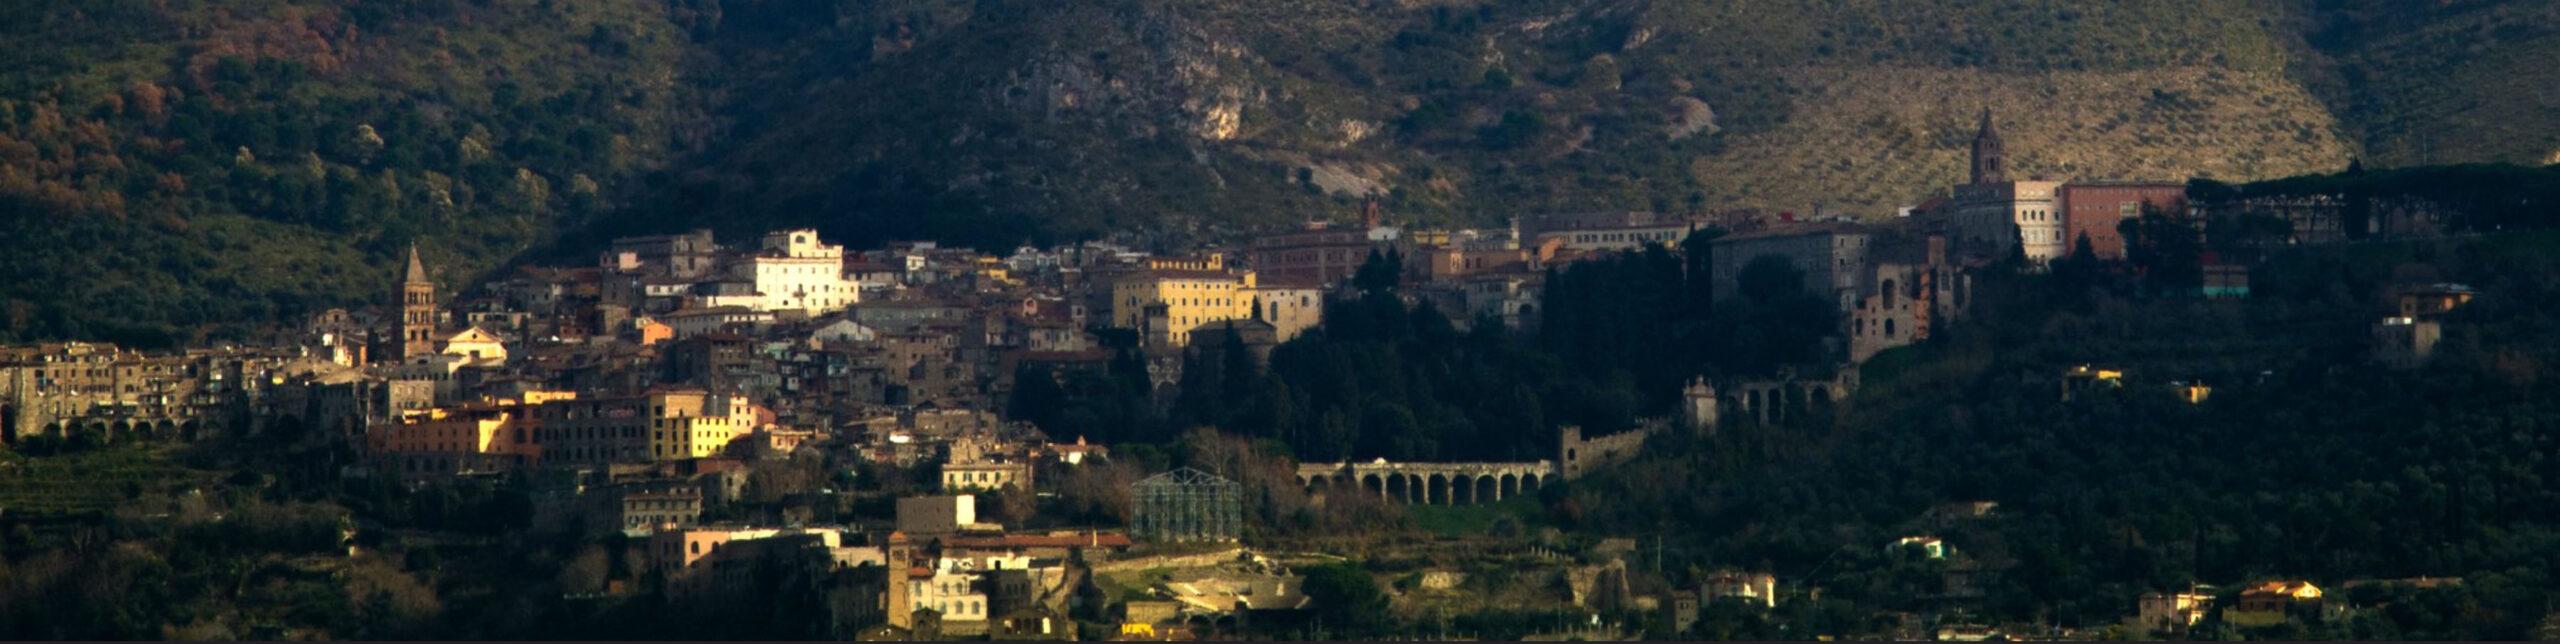 Тиволи - Лацио - Италия